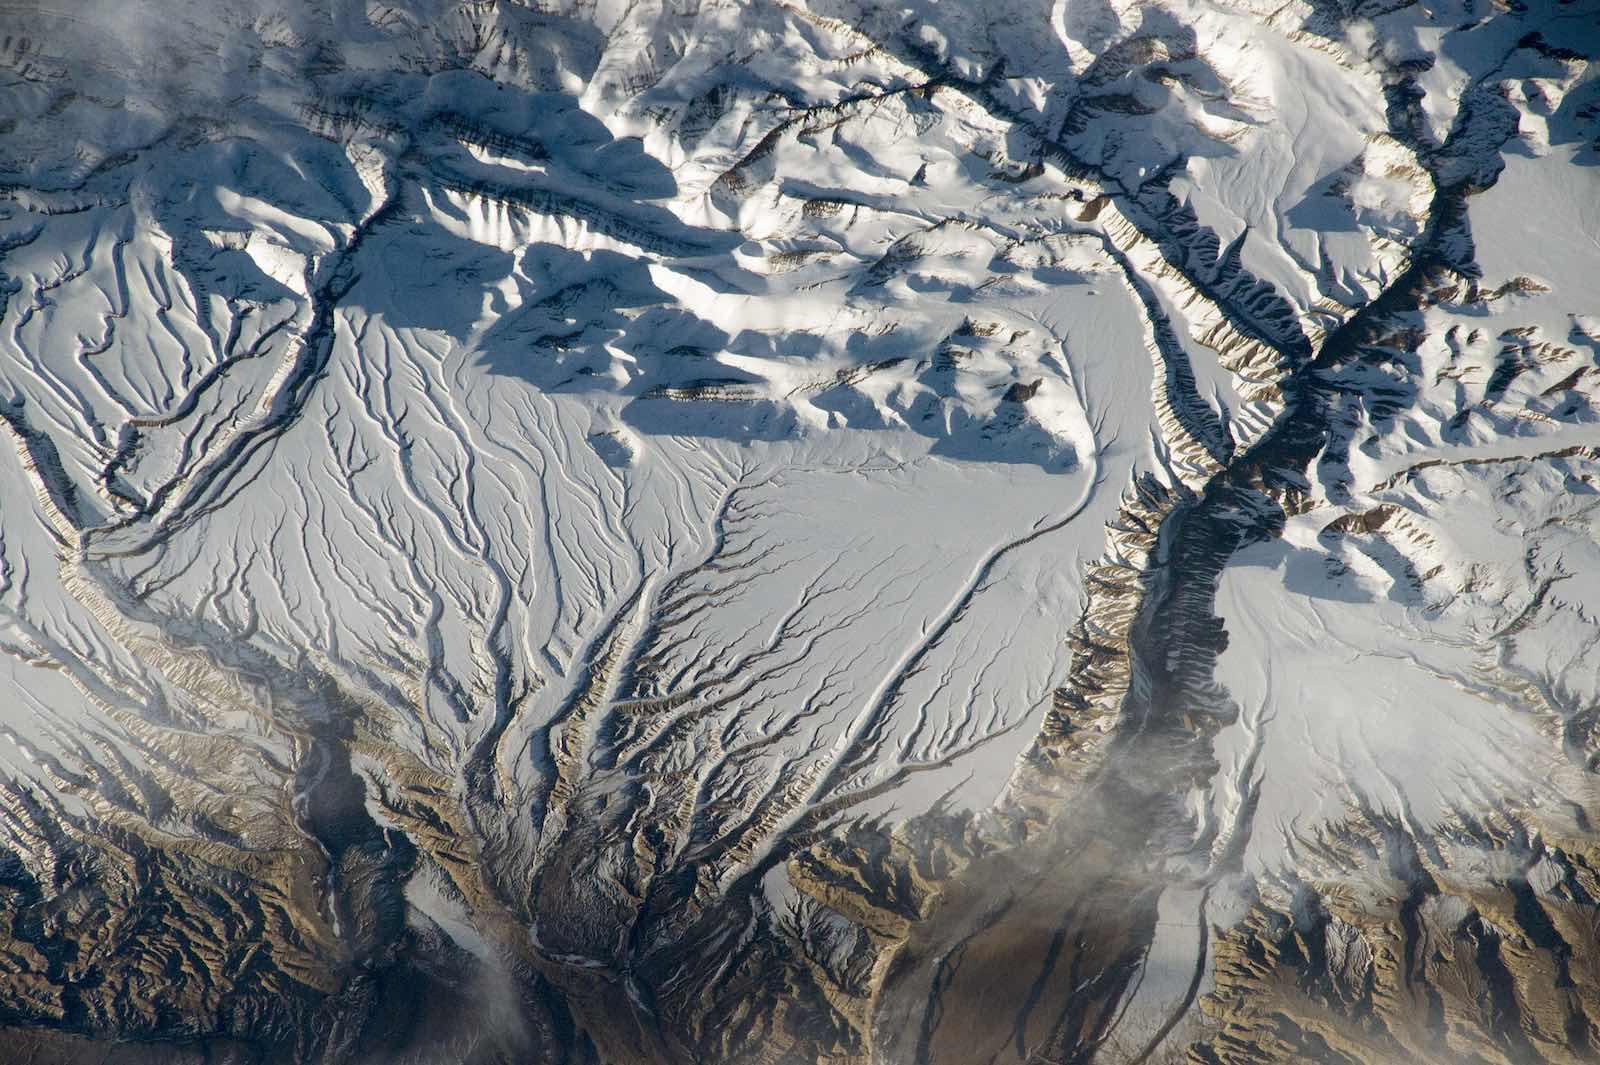 Rivers and snow in the Himalayas along the border between China and India (NASA Johnson/Flickr)